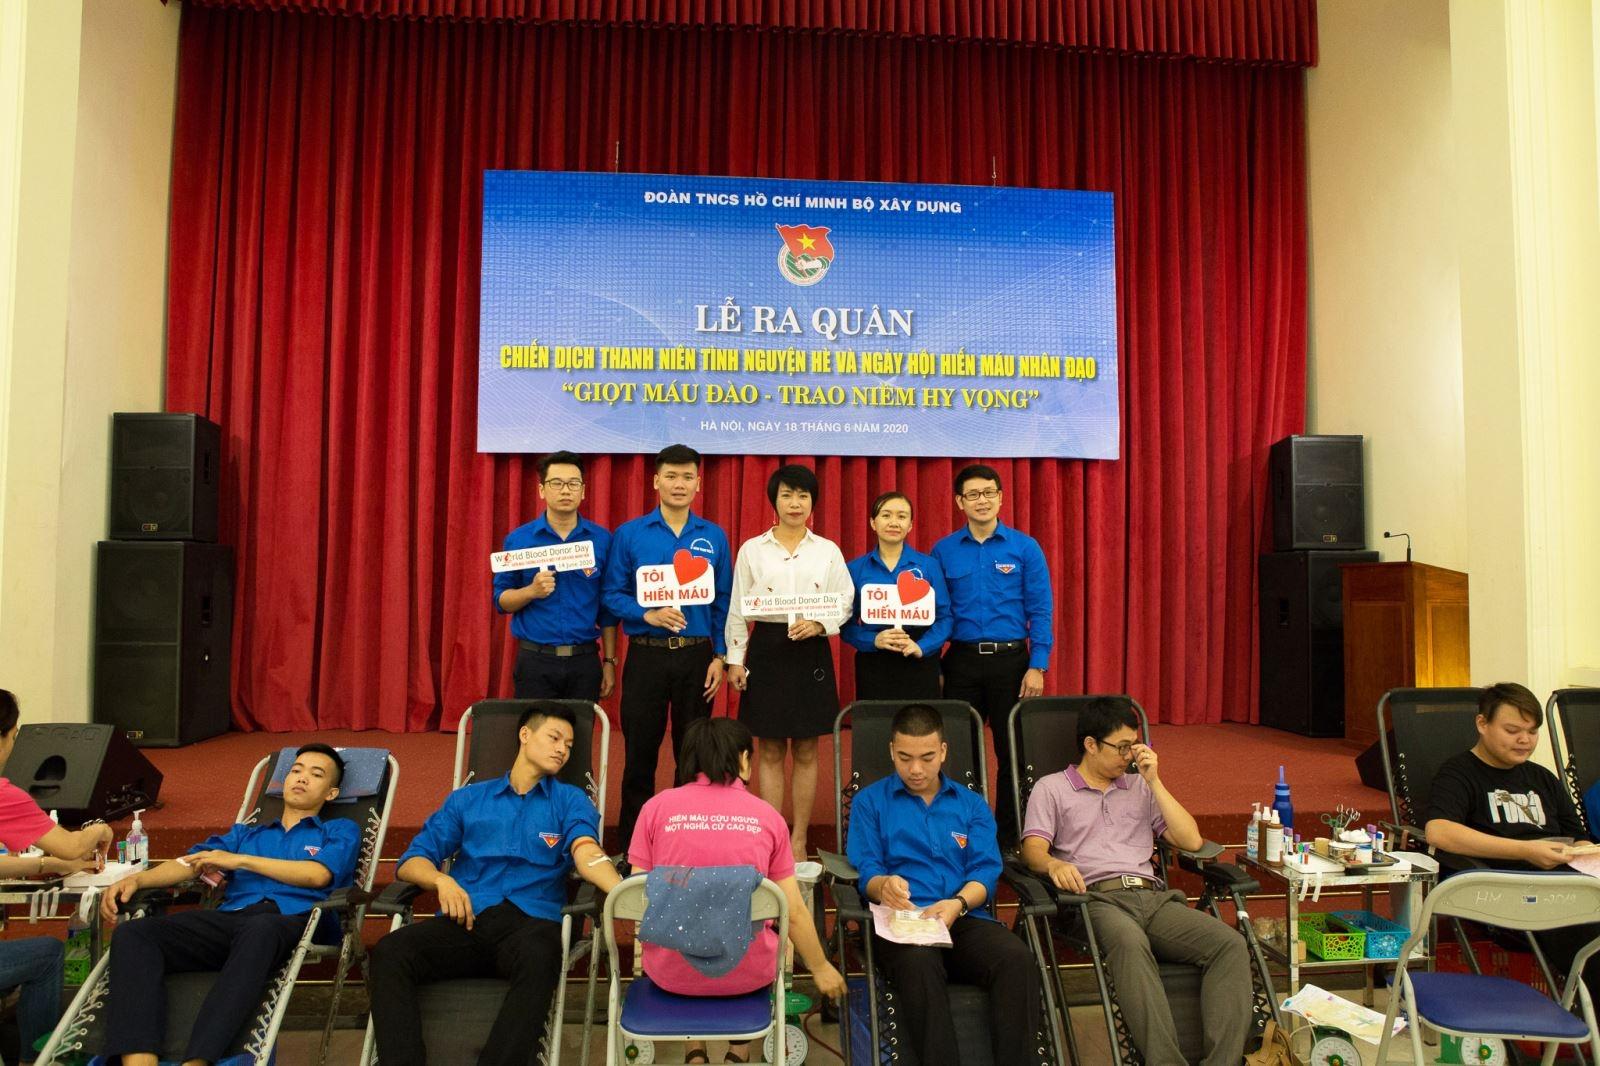 Đoàn Thanh niên Bộ Xây dựng ra quân Chiến dịch Thanh niên tình nguyện hè 2020 và Ngày hội Hiến máu nhân đạo